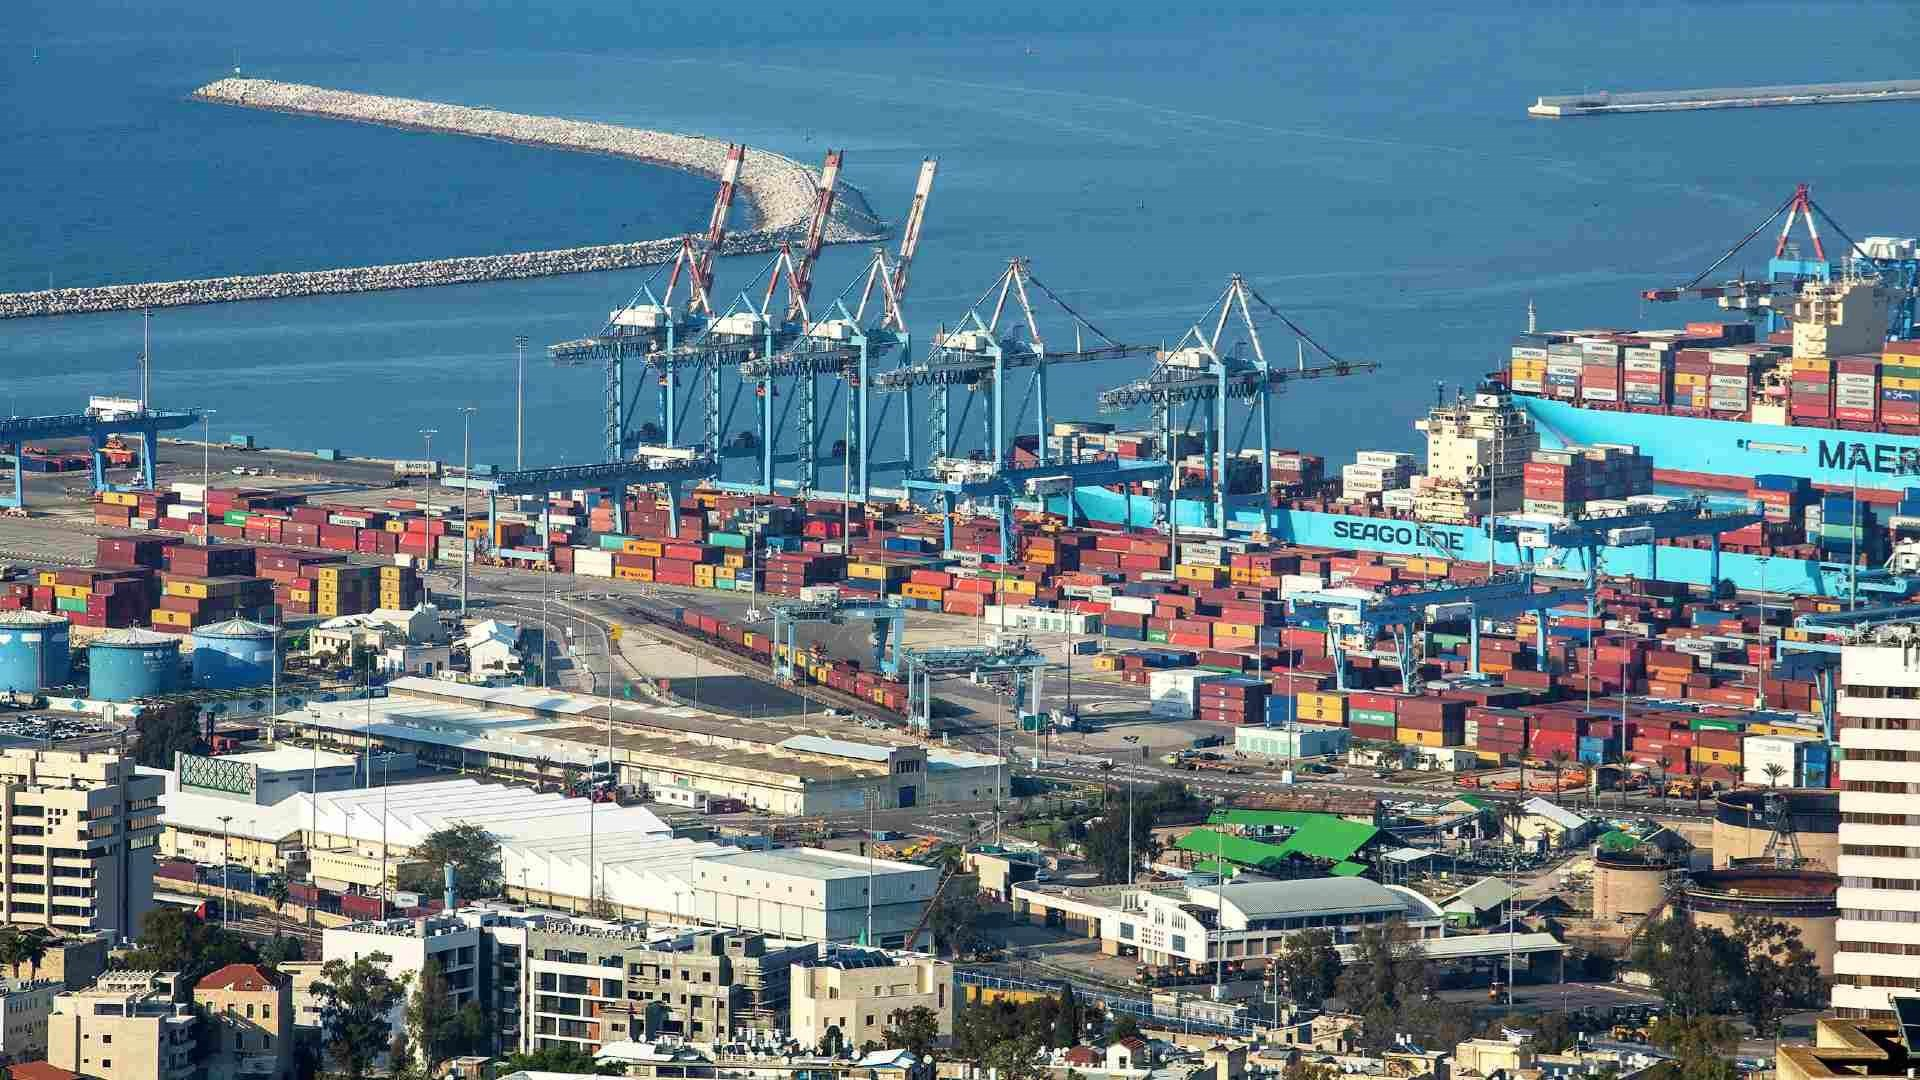 ميناء حيفا يبدأ باستقبال السفن الإماراتية والبحرينية بعد التطبيع